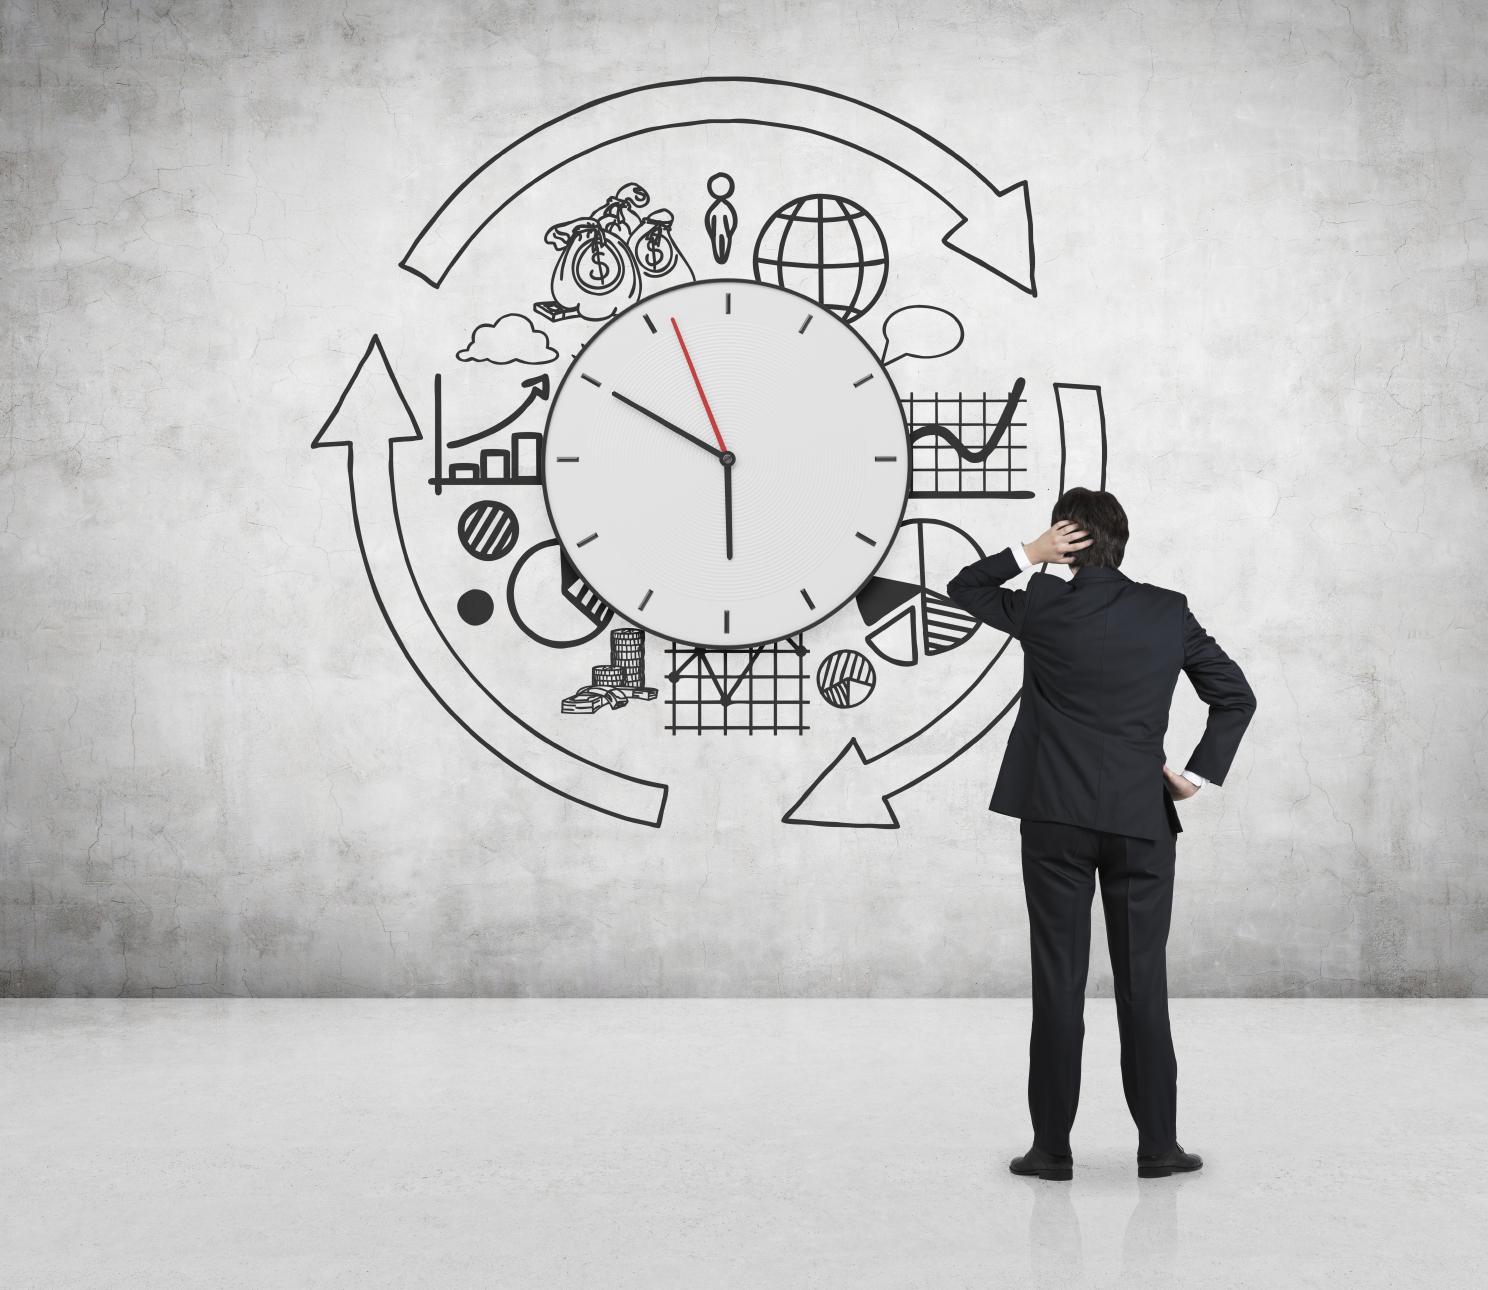 koi-time-management.jpg